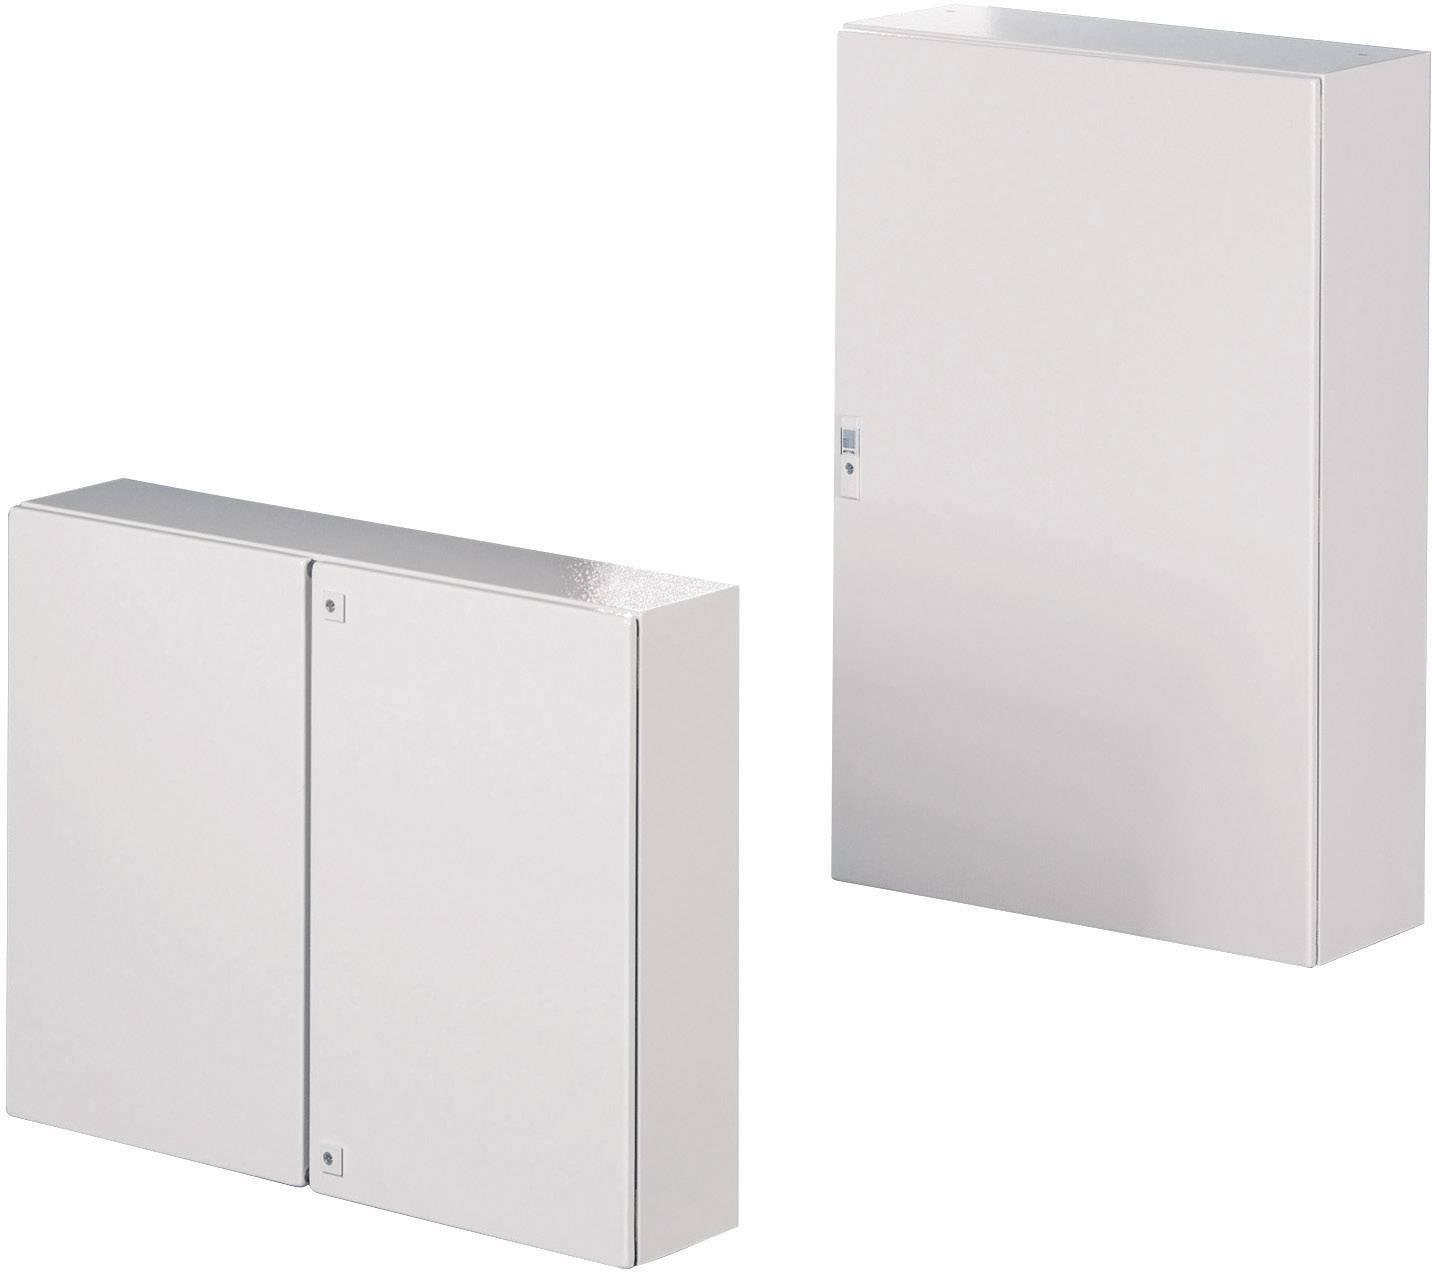 Kompaktní skříňový rozvaděč AE 1000 x 1400 x 300 ocelový plech Rittal AE 1114.500 1 ks